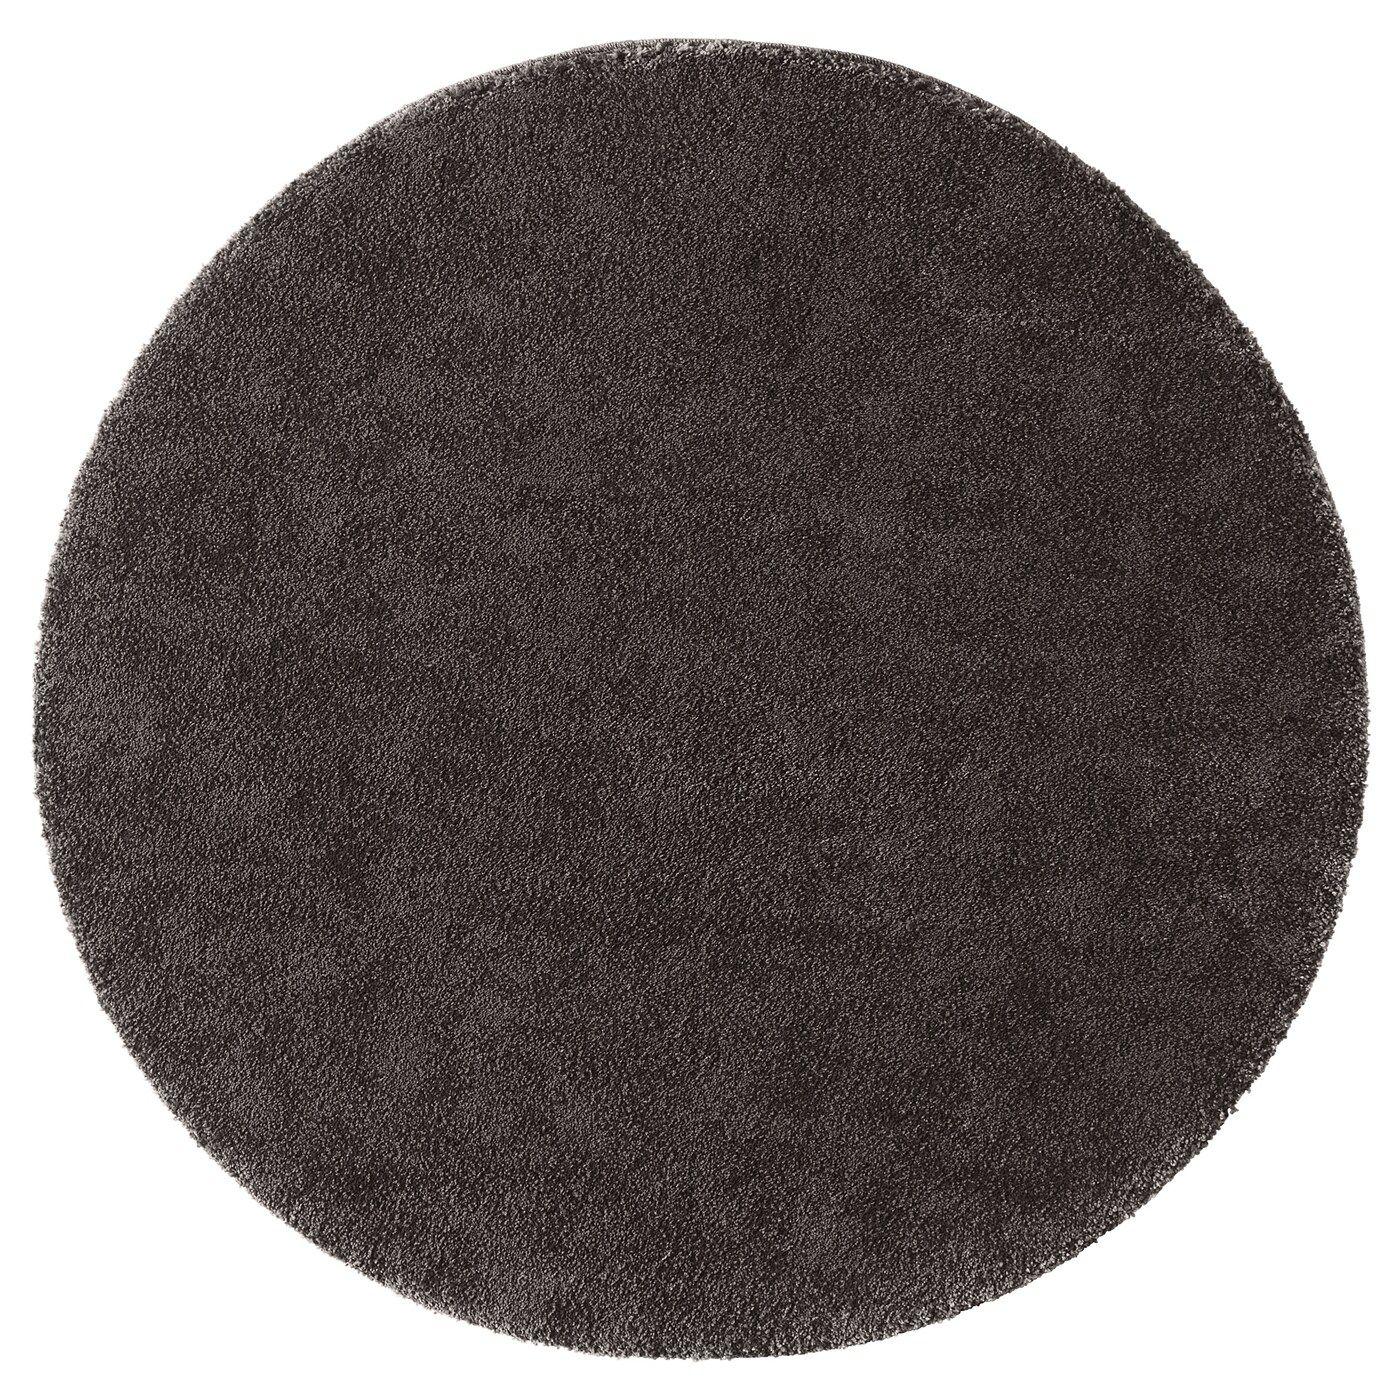 Best Stoense Rug Low Pile Dark Gray 4 3 Rugs Round 400 x 300